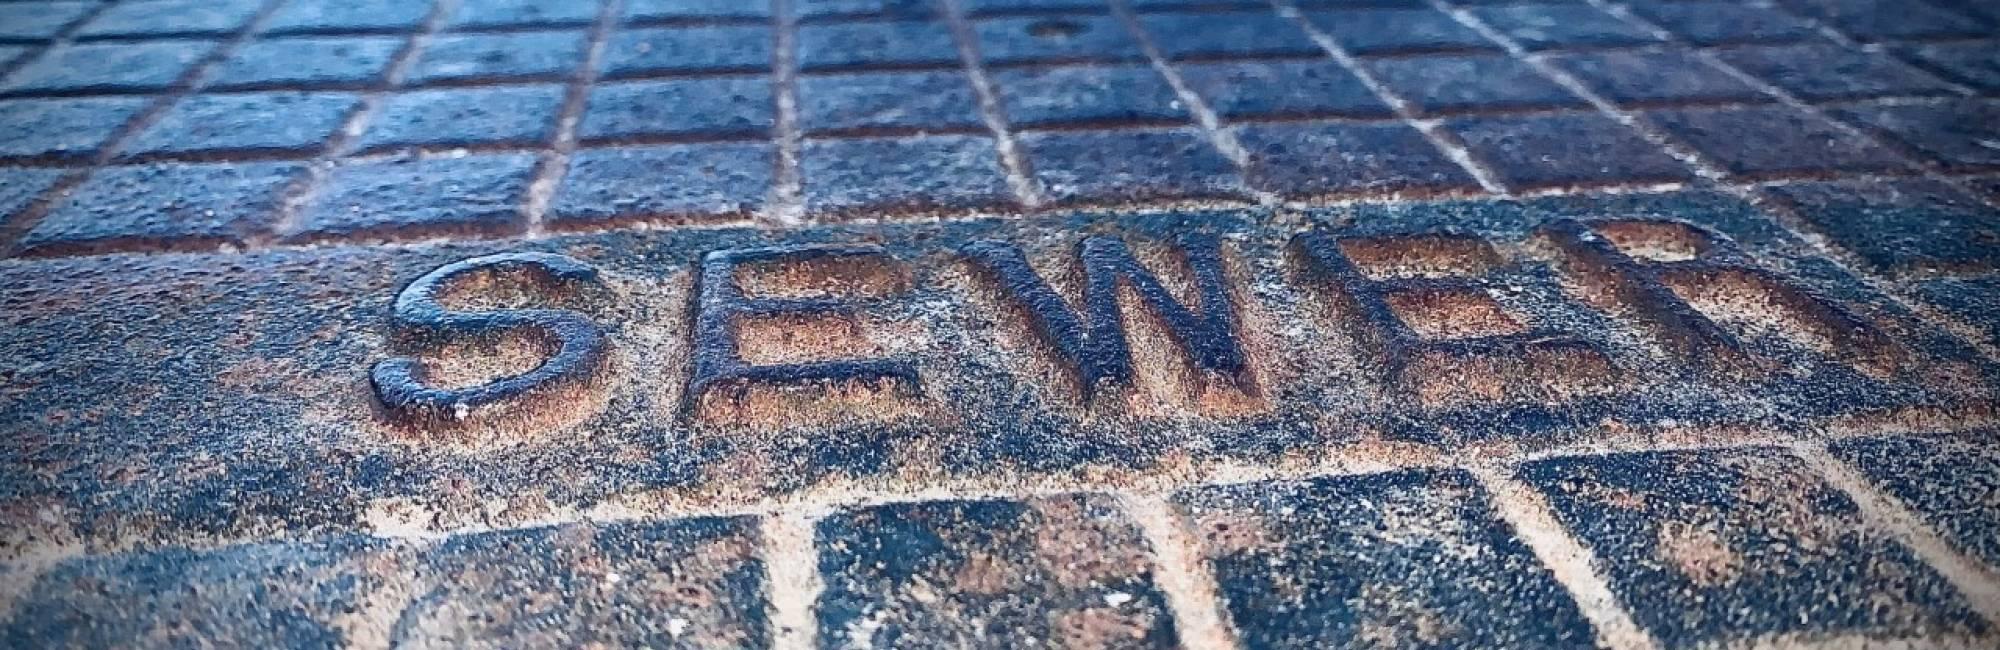 manhole cover closeup